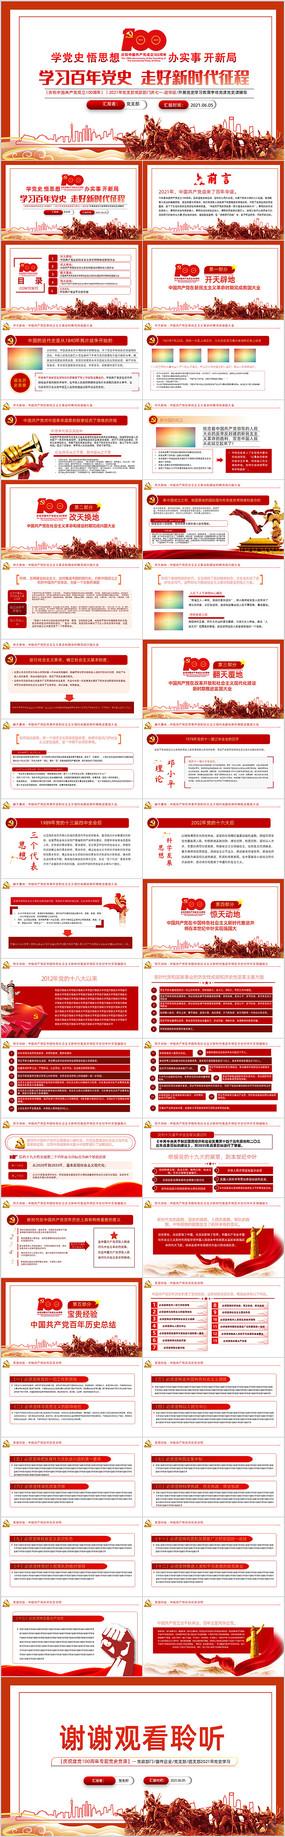 中国共产党百年辉煌建党100周年ppt